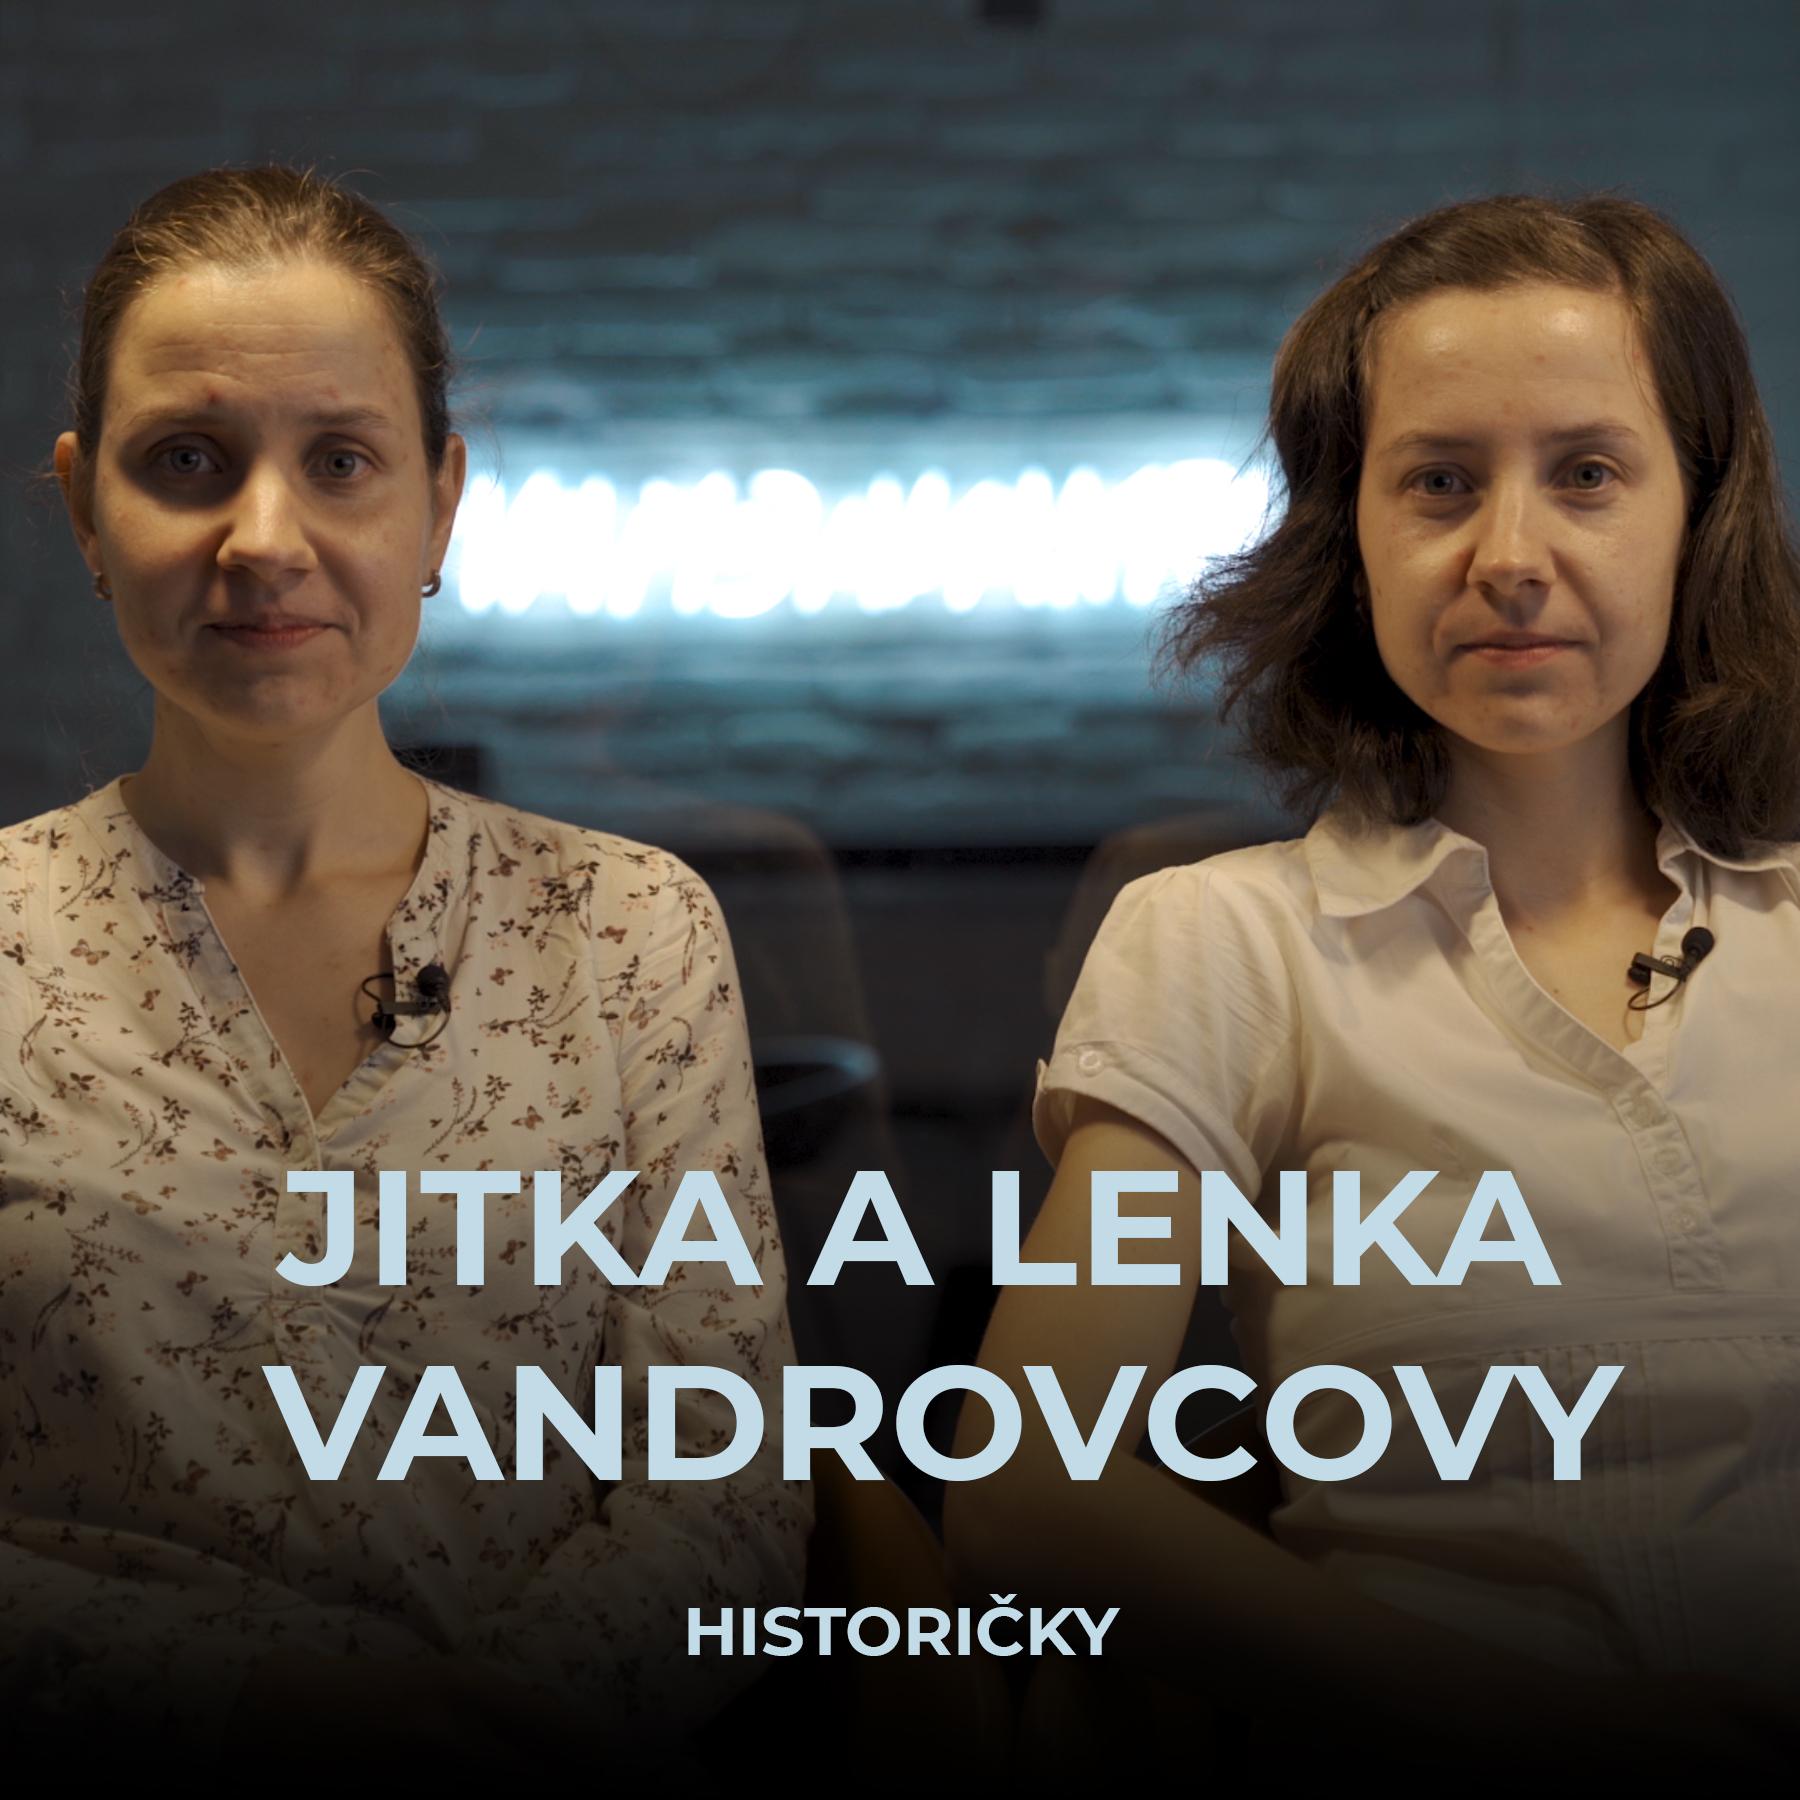 Vandrovcovy-medailonek-IG